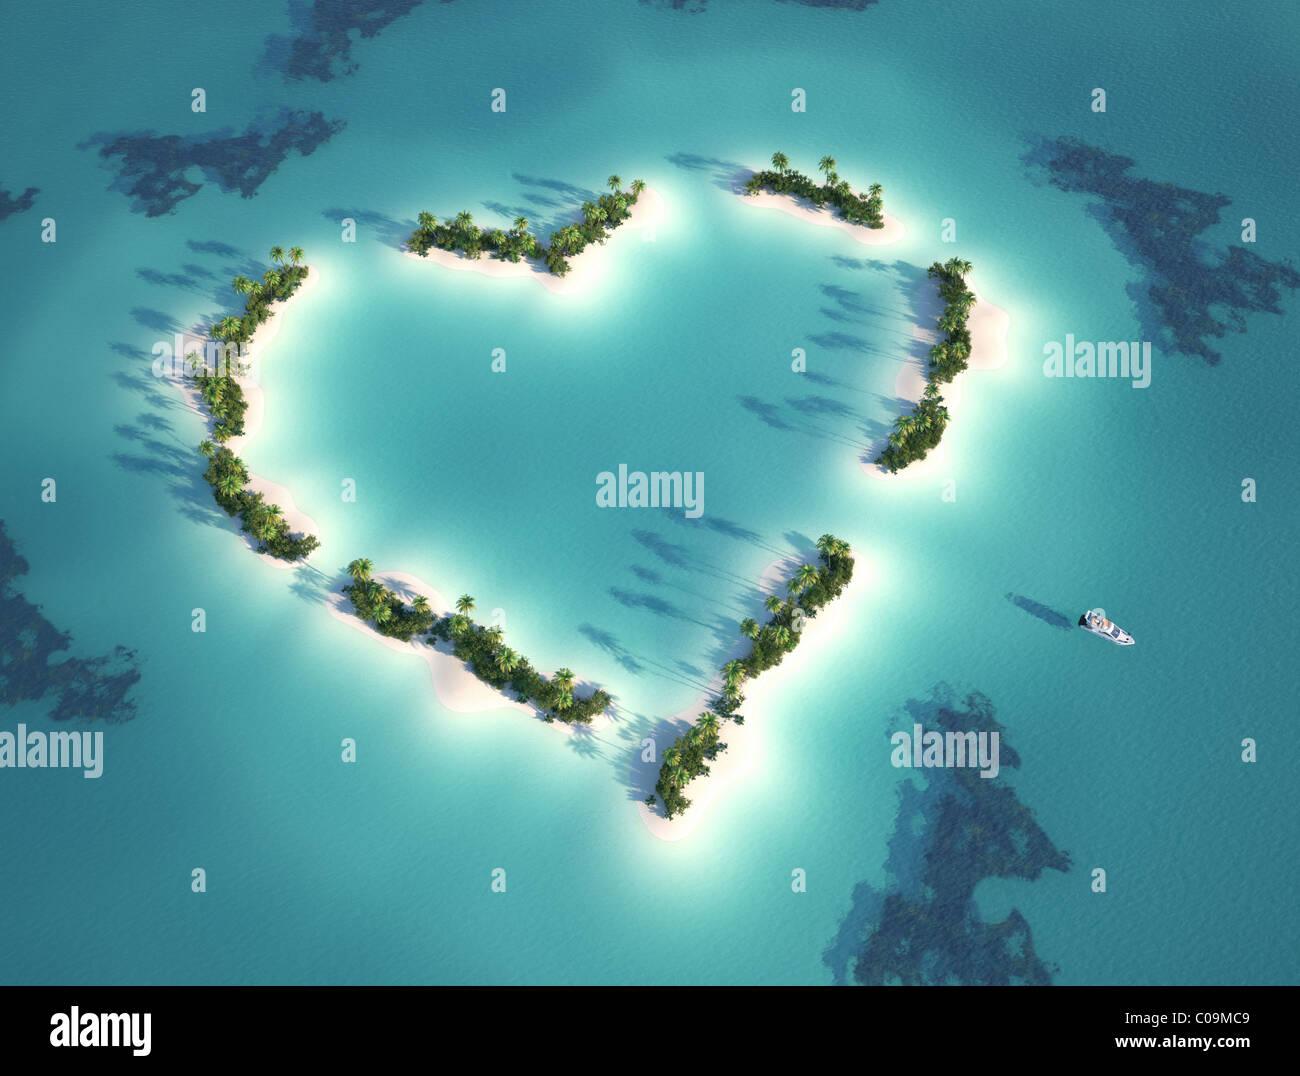 Vue aérienne de l'île en forme de coeur avec location comme concept pour des vacances romantiques Photo Stock